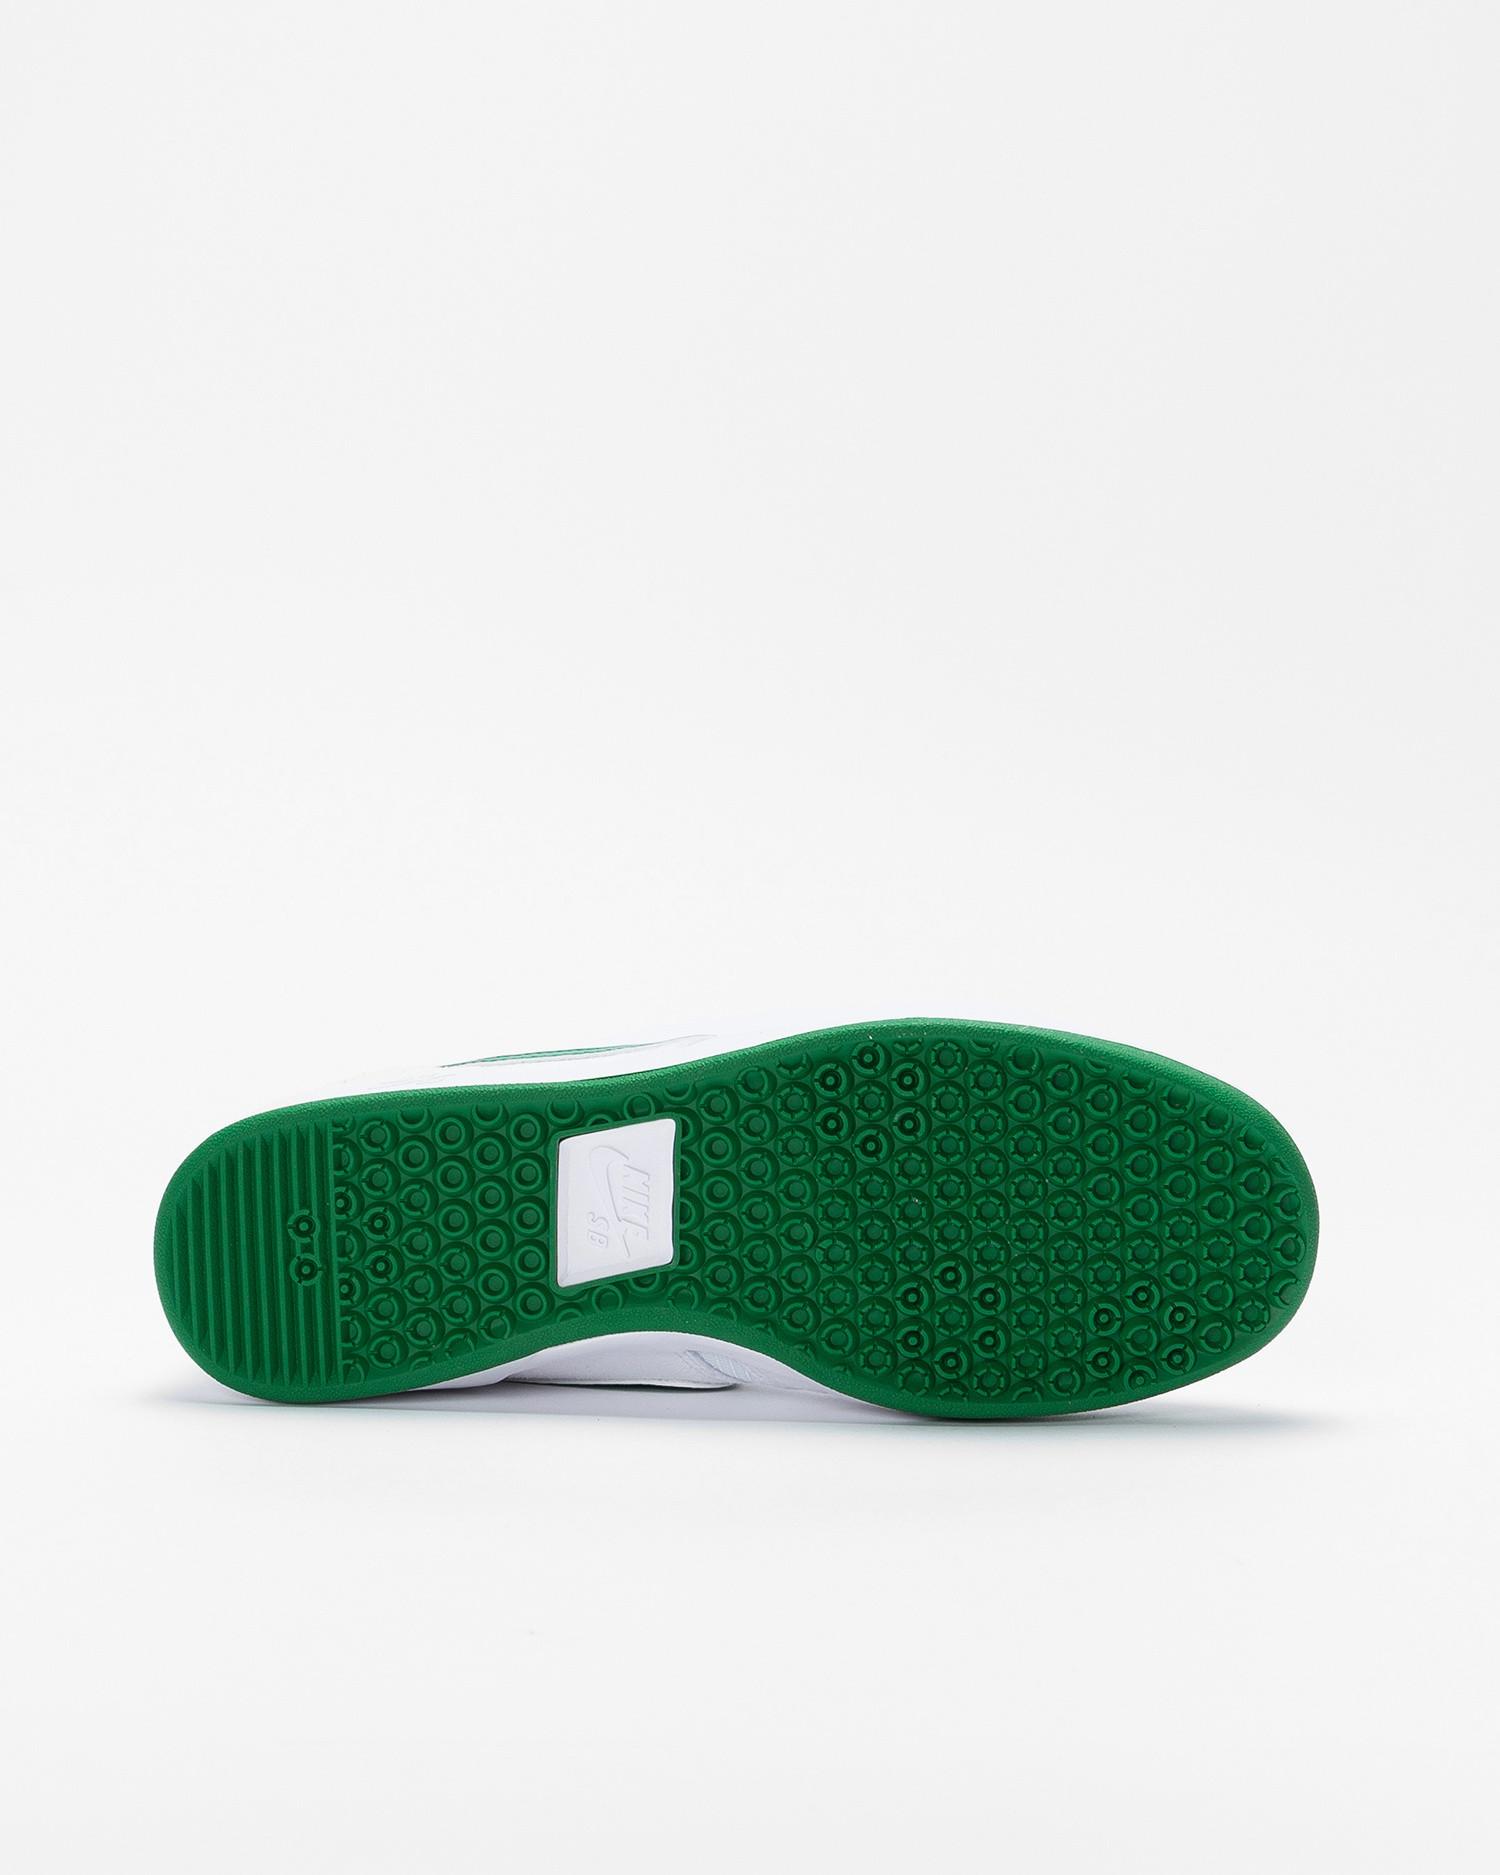 Nike SB Gts Return White/pine green-white-white